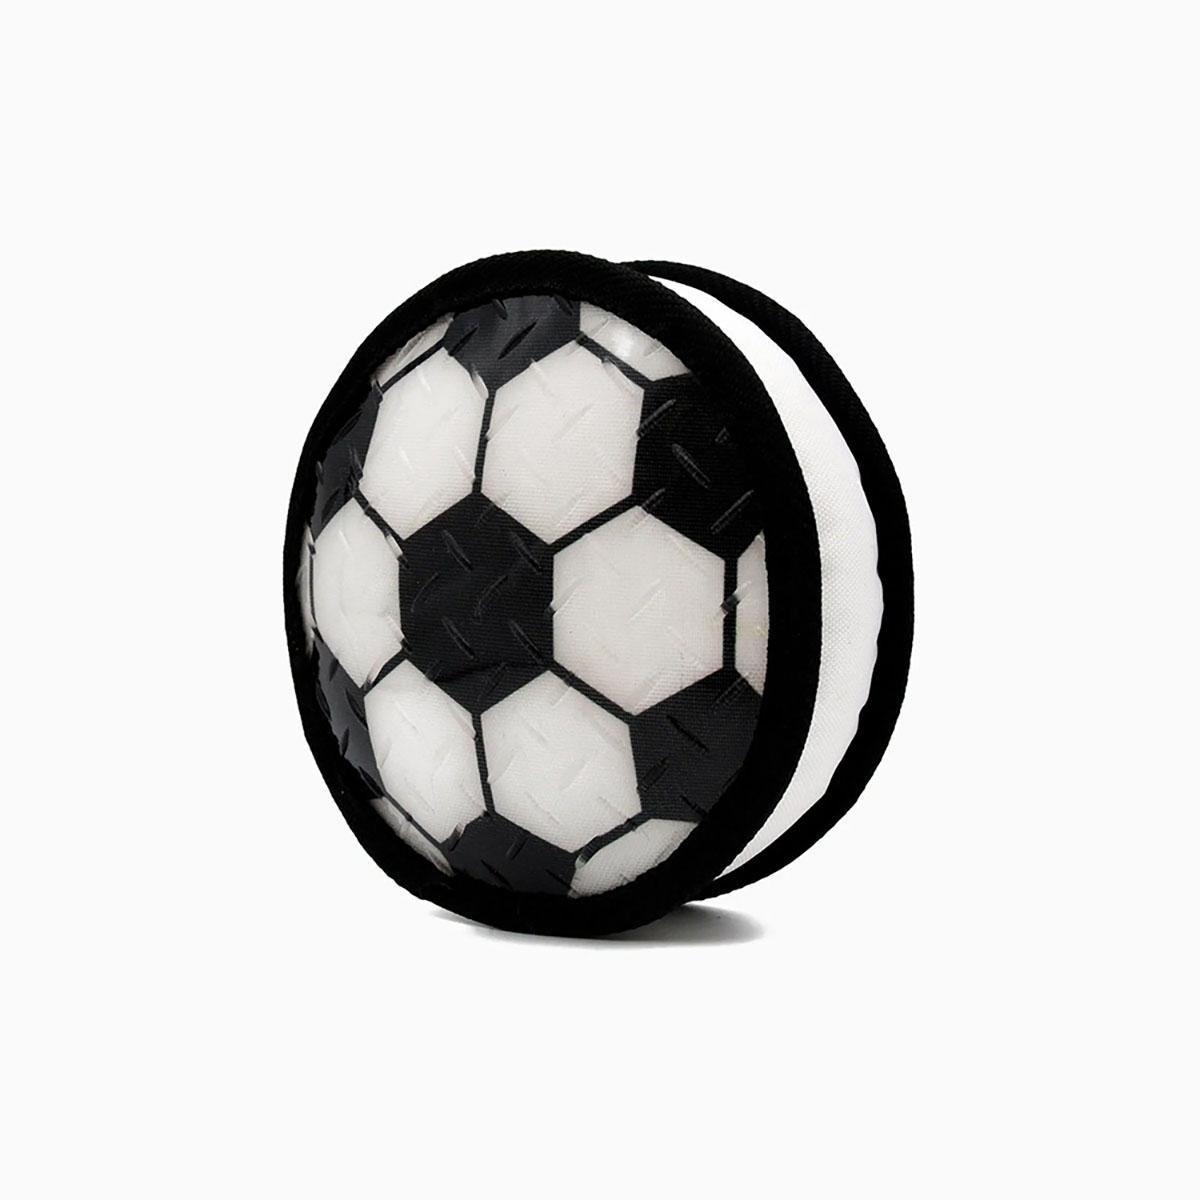 HugSmart Sport Pawz Dura Guard Dog Toy - Soccer Ball